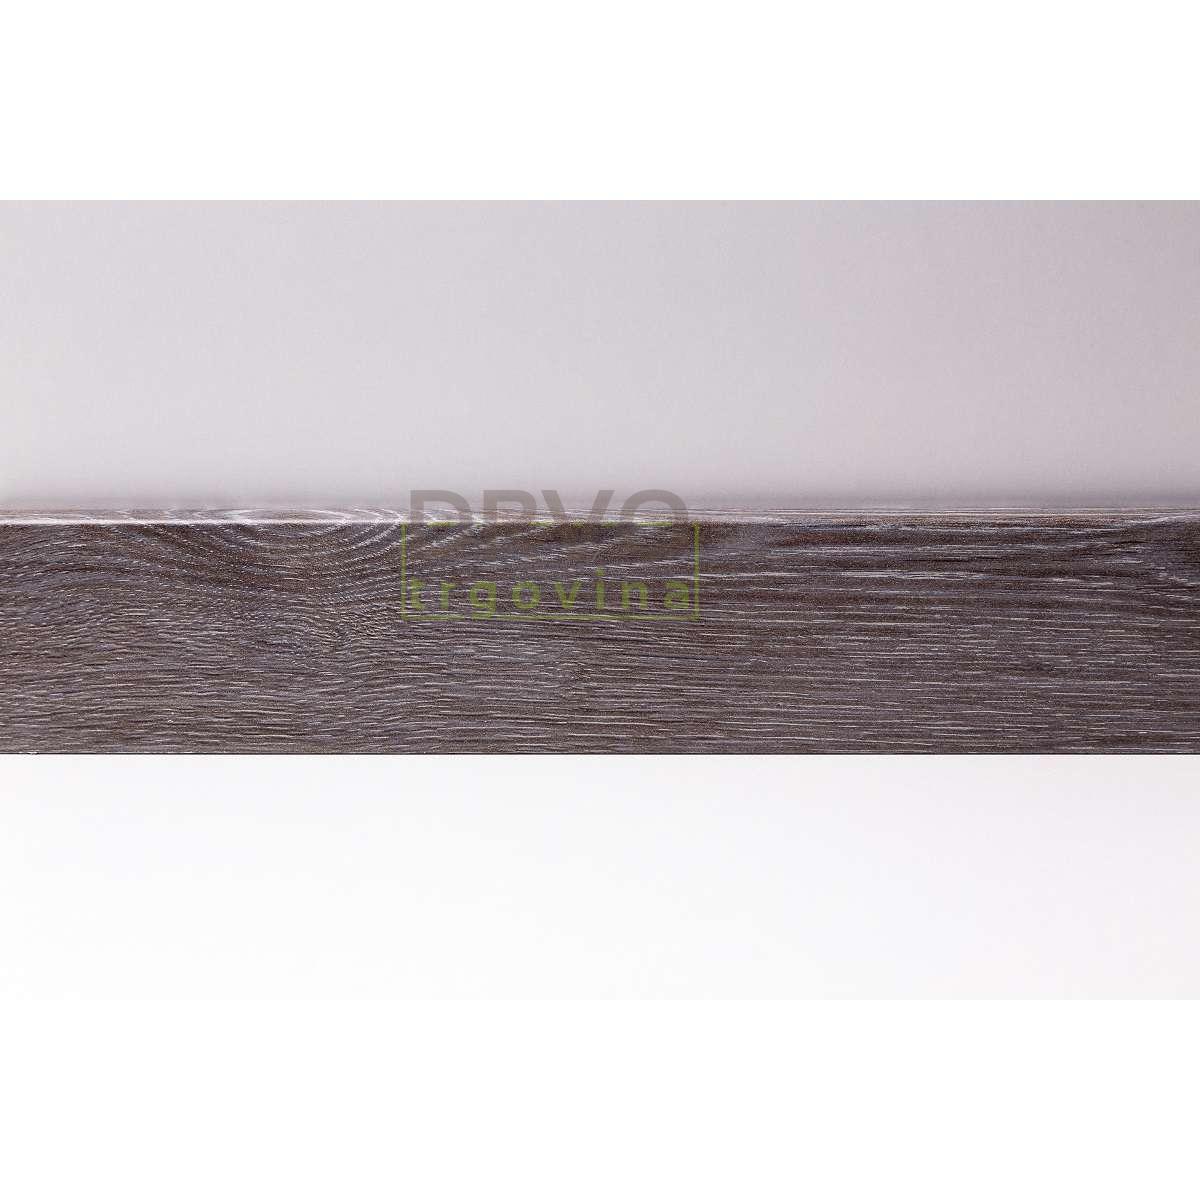 LETVICA ZA LAMINAT 70mm FOEI03Y SF446L K040/3885/K415/418/5541/4009/K398/K397  2,4m